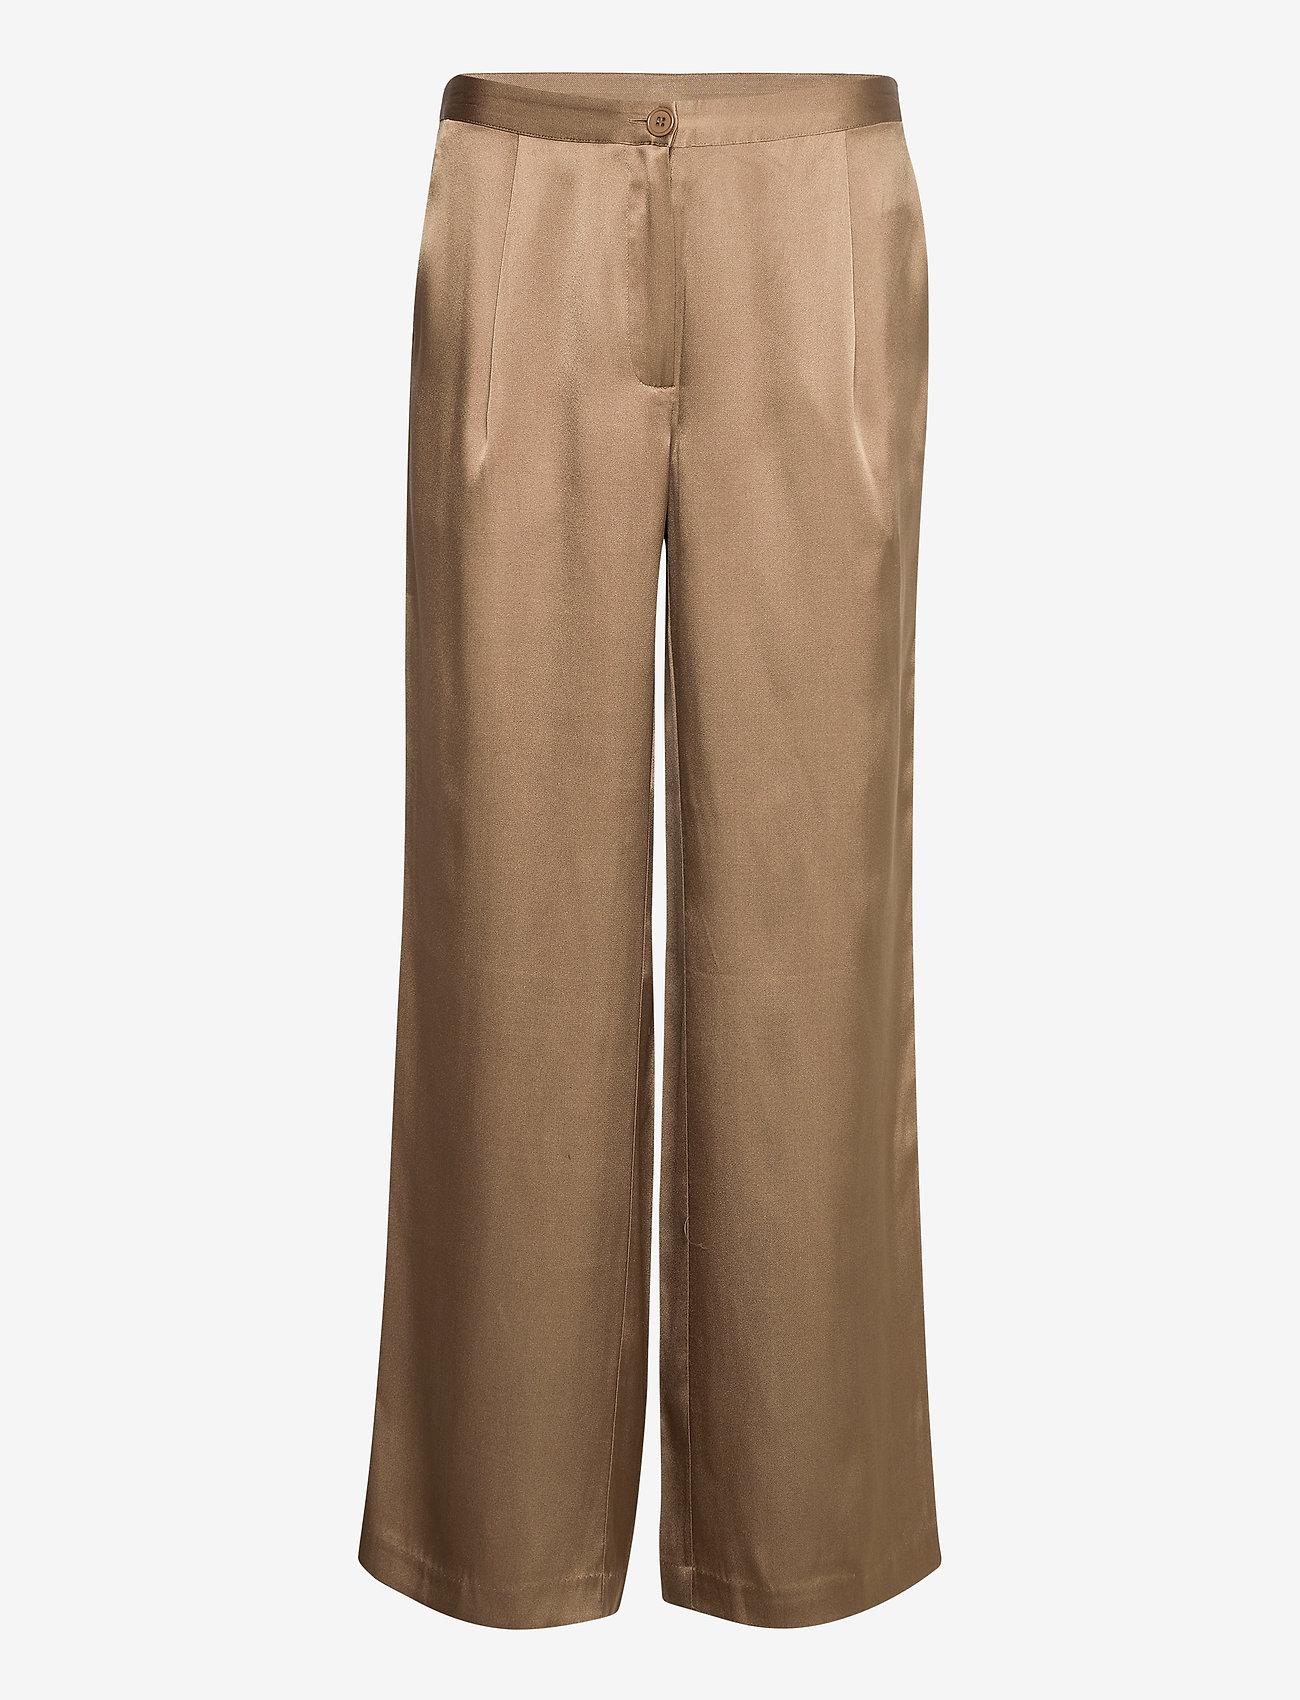 SAND - Double Silk - Sasha Flex Pleated - bukser med brede ben - light camel - 0